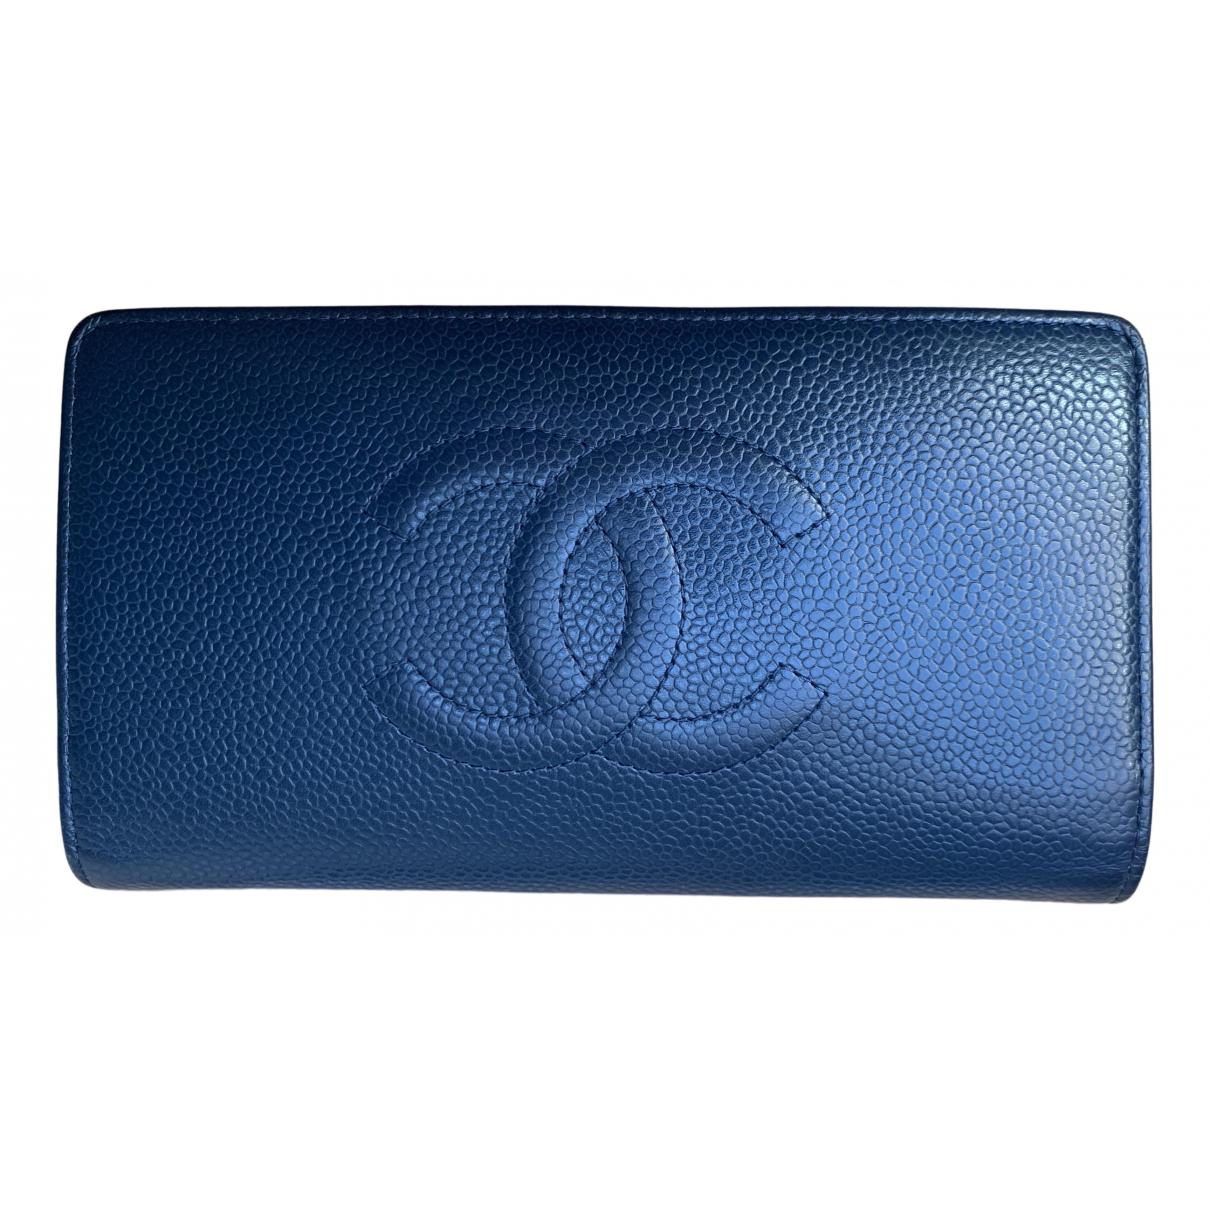 Chanel - Portefeuille   pour femme en cuir - marine